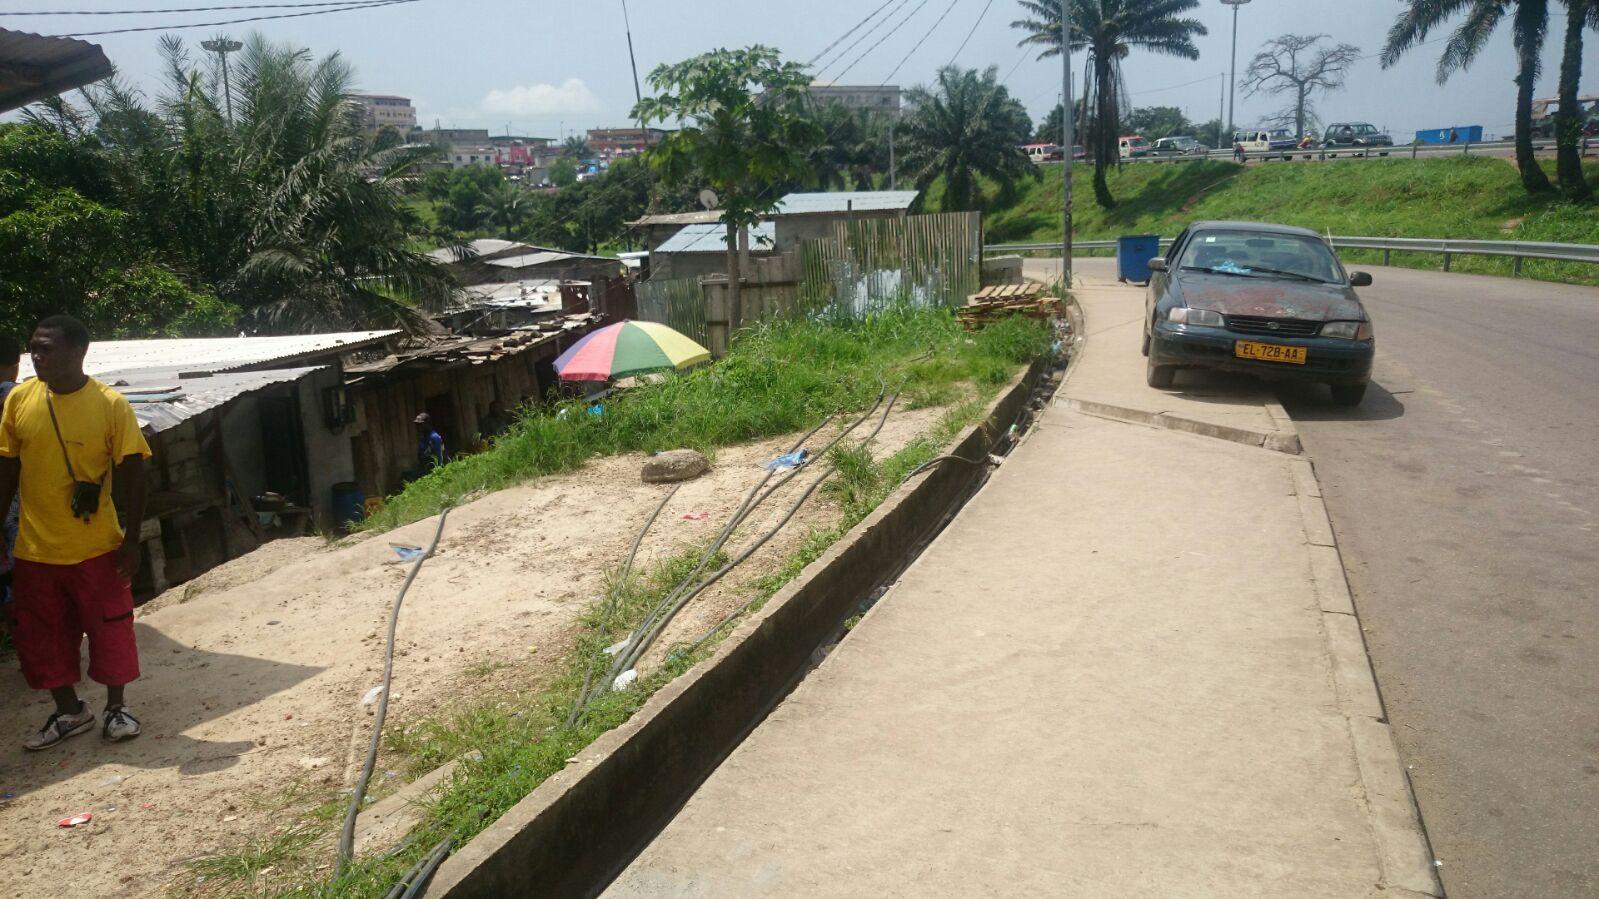 C'est au lever du jour que  les résidents des pks  retrouvaient la joie,  après les sombres nuits @ Gabonactu.com